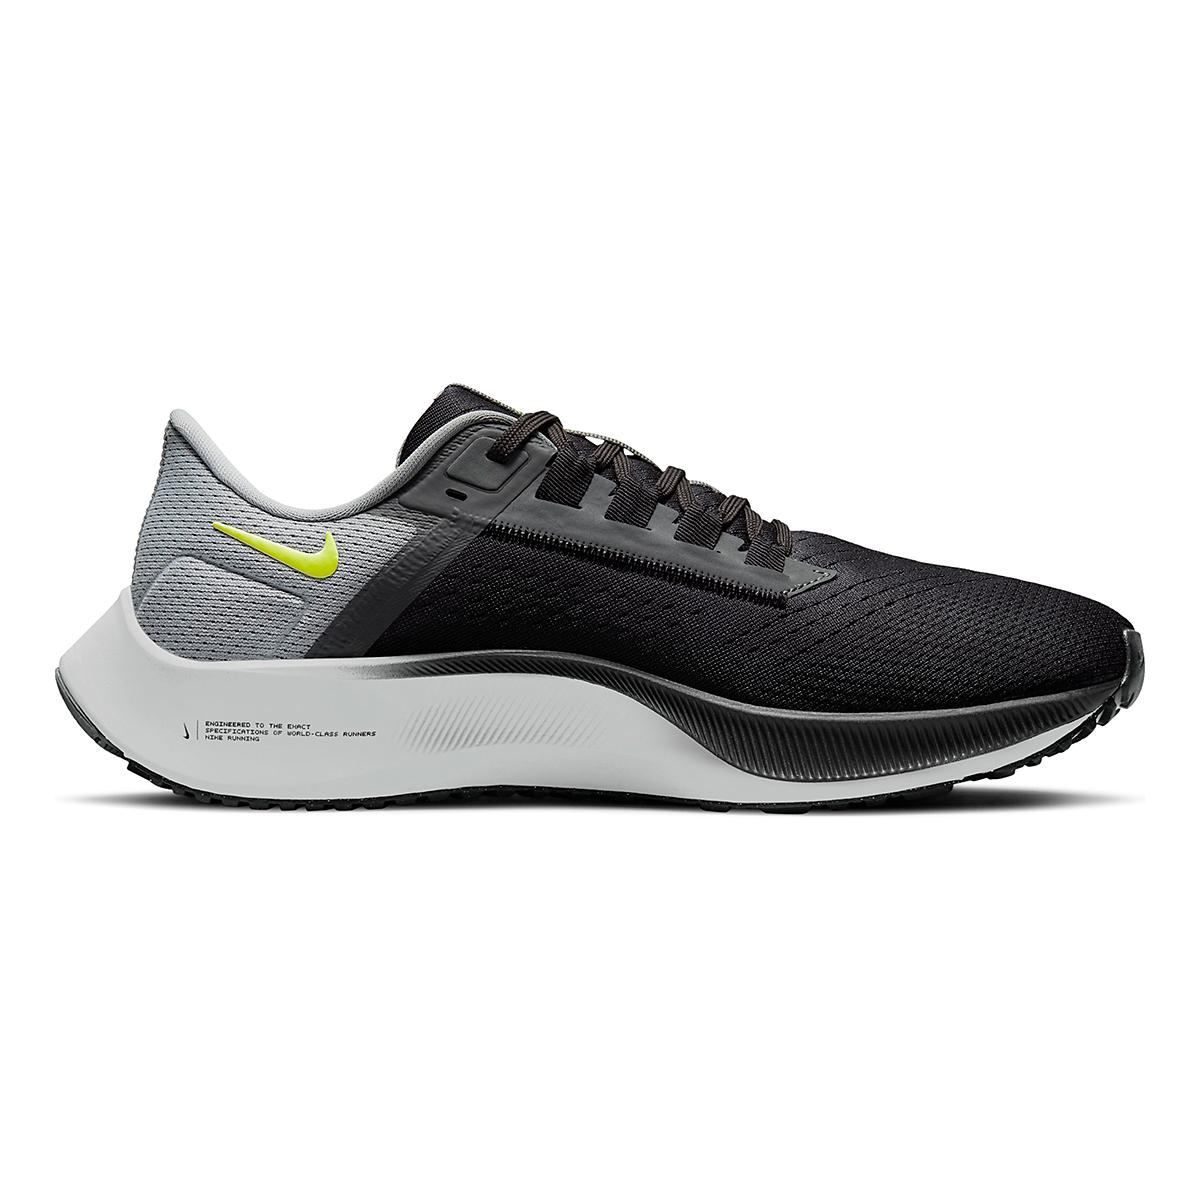 Men's Nike Air Zoom Pegasus 38 Running Shoe - Color: Smoke Grey/Volt Grey - Size: 6 - Width: Regular, Smoke Grey/Volt Grey, large, image 1